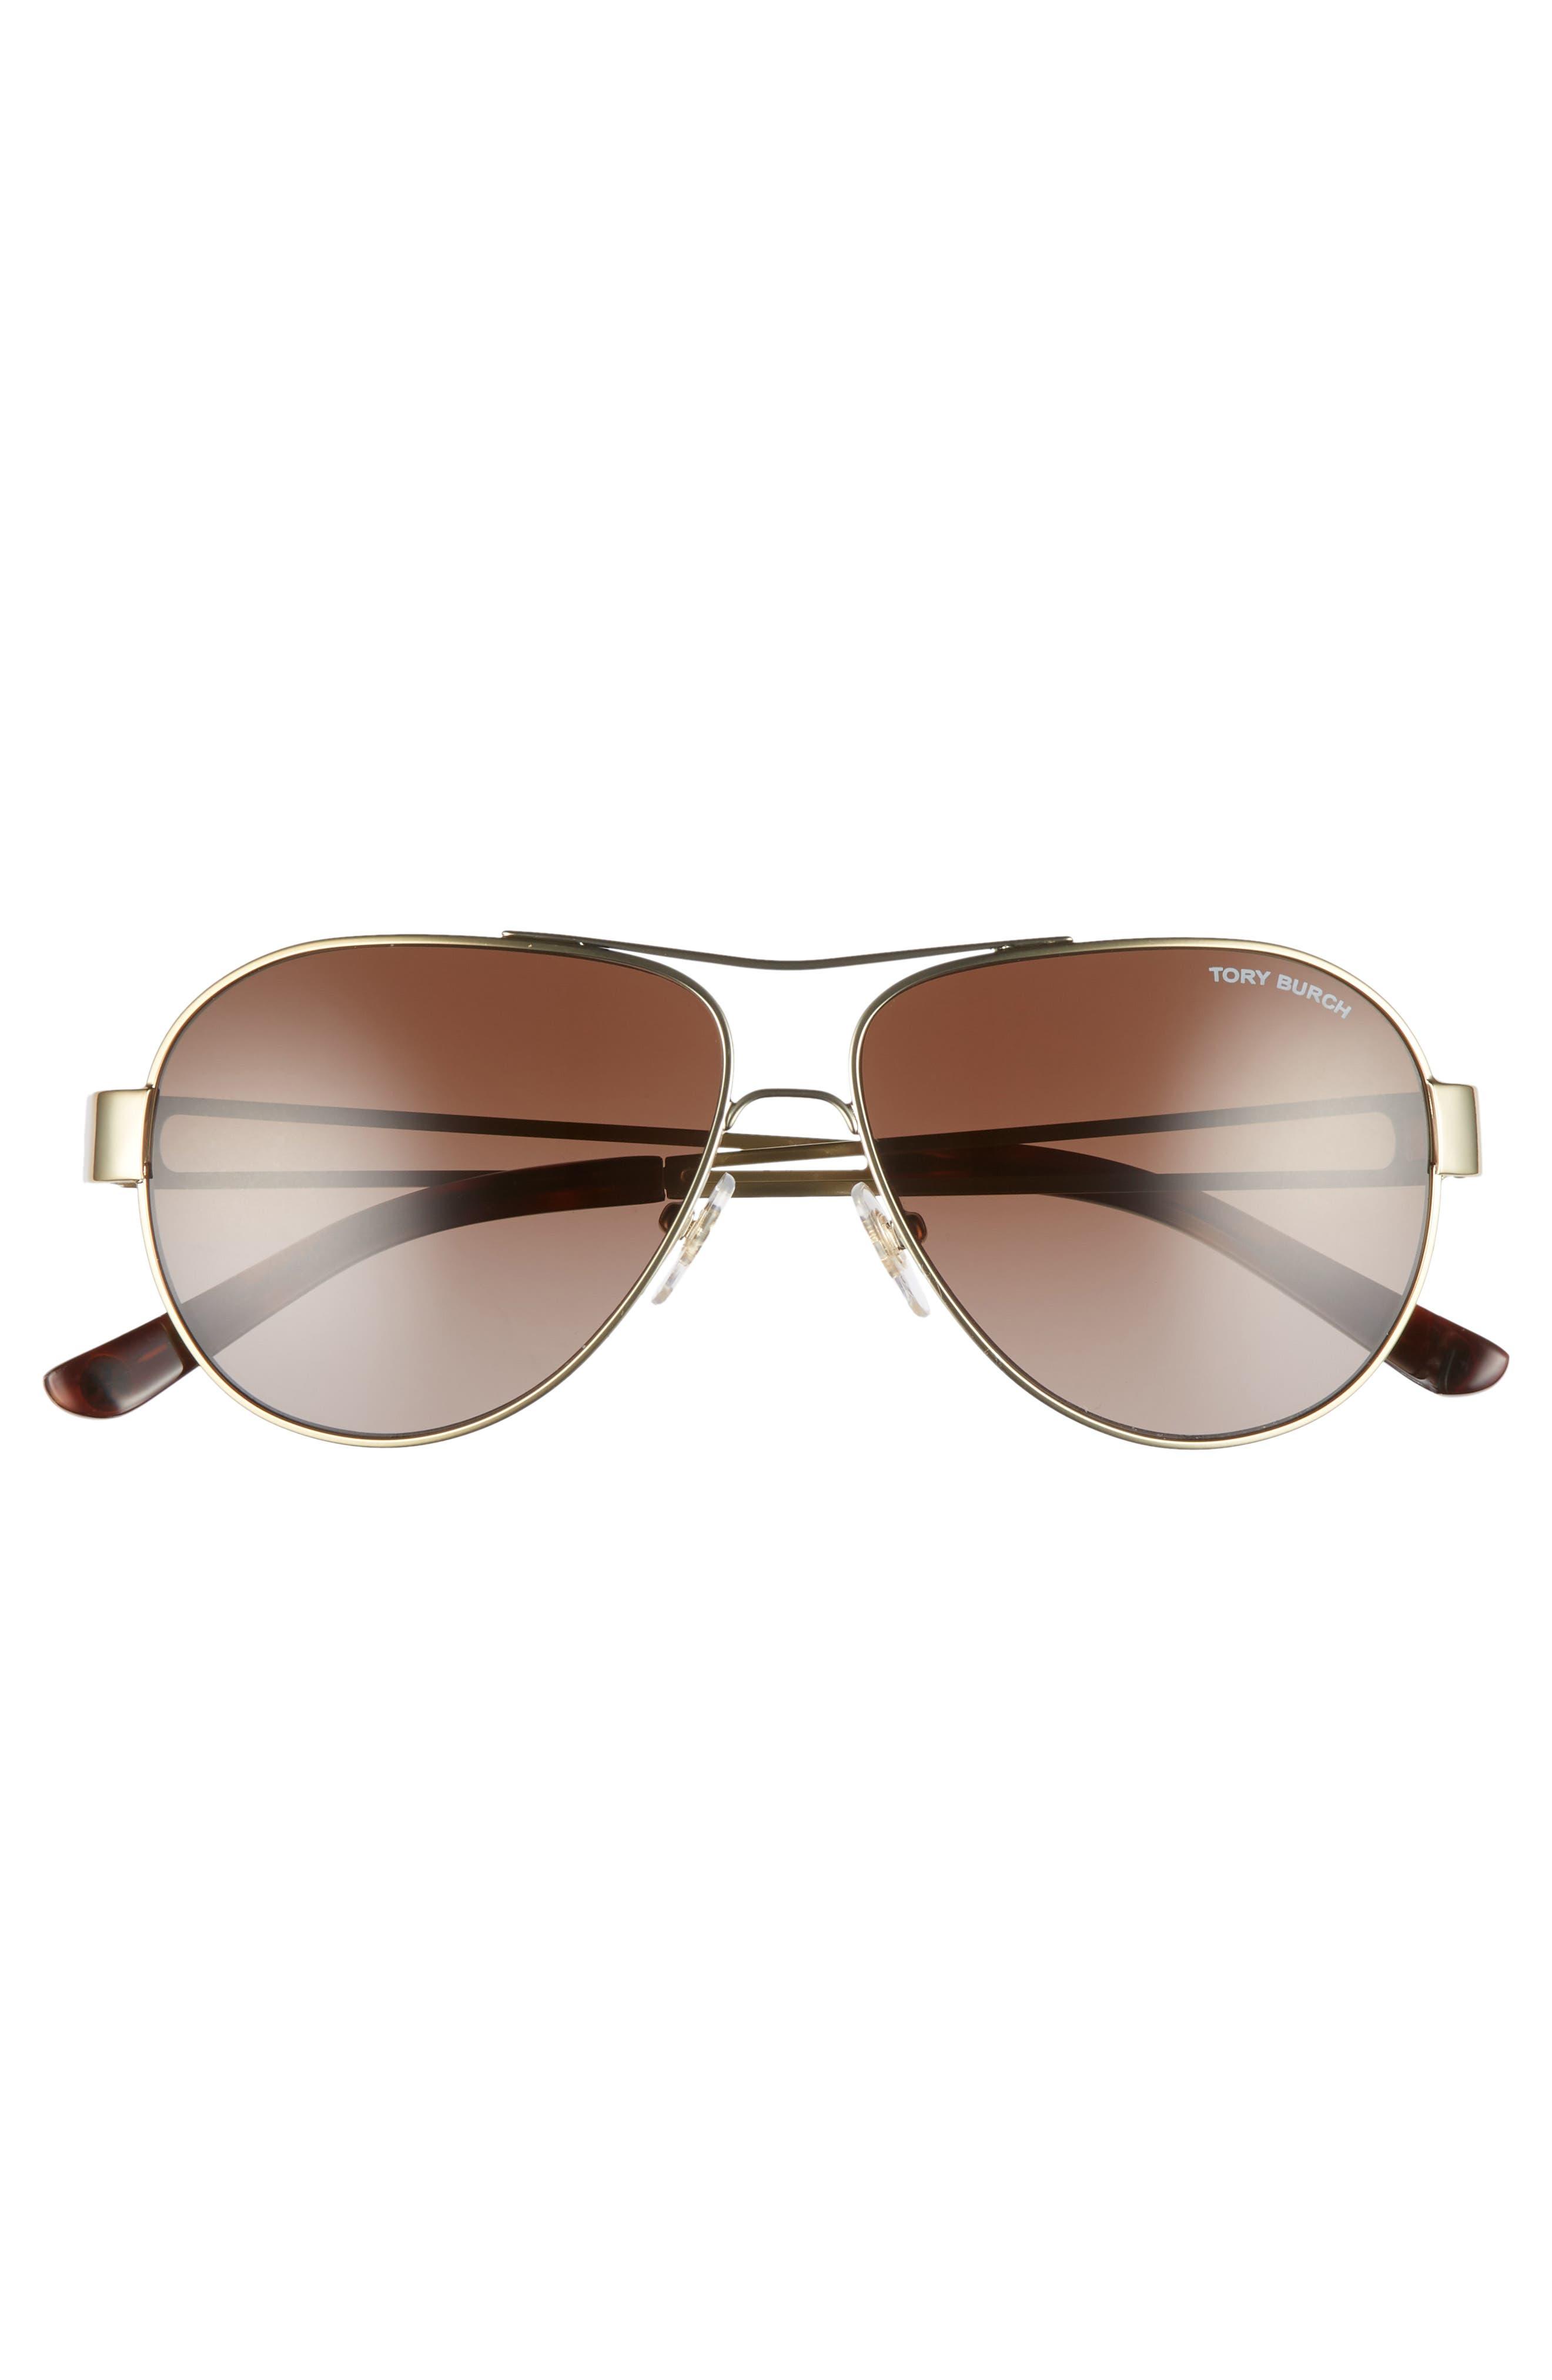 55mm Polarized Aviator Sunglasses,                             Alternate thumbnail 3, color,                             Gold/ Dark Tortoise Gradient